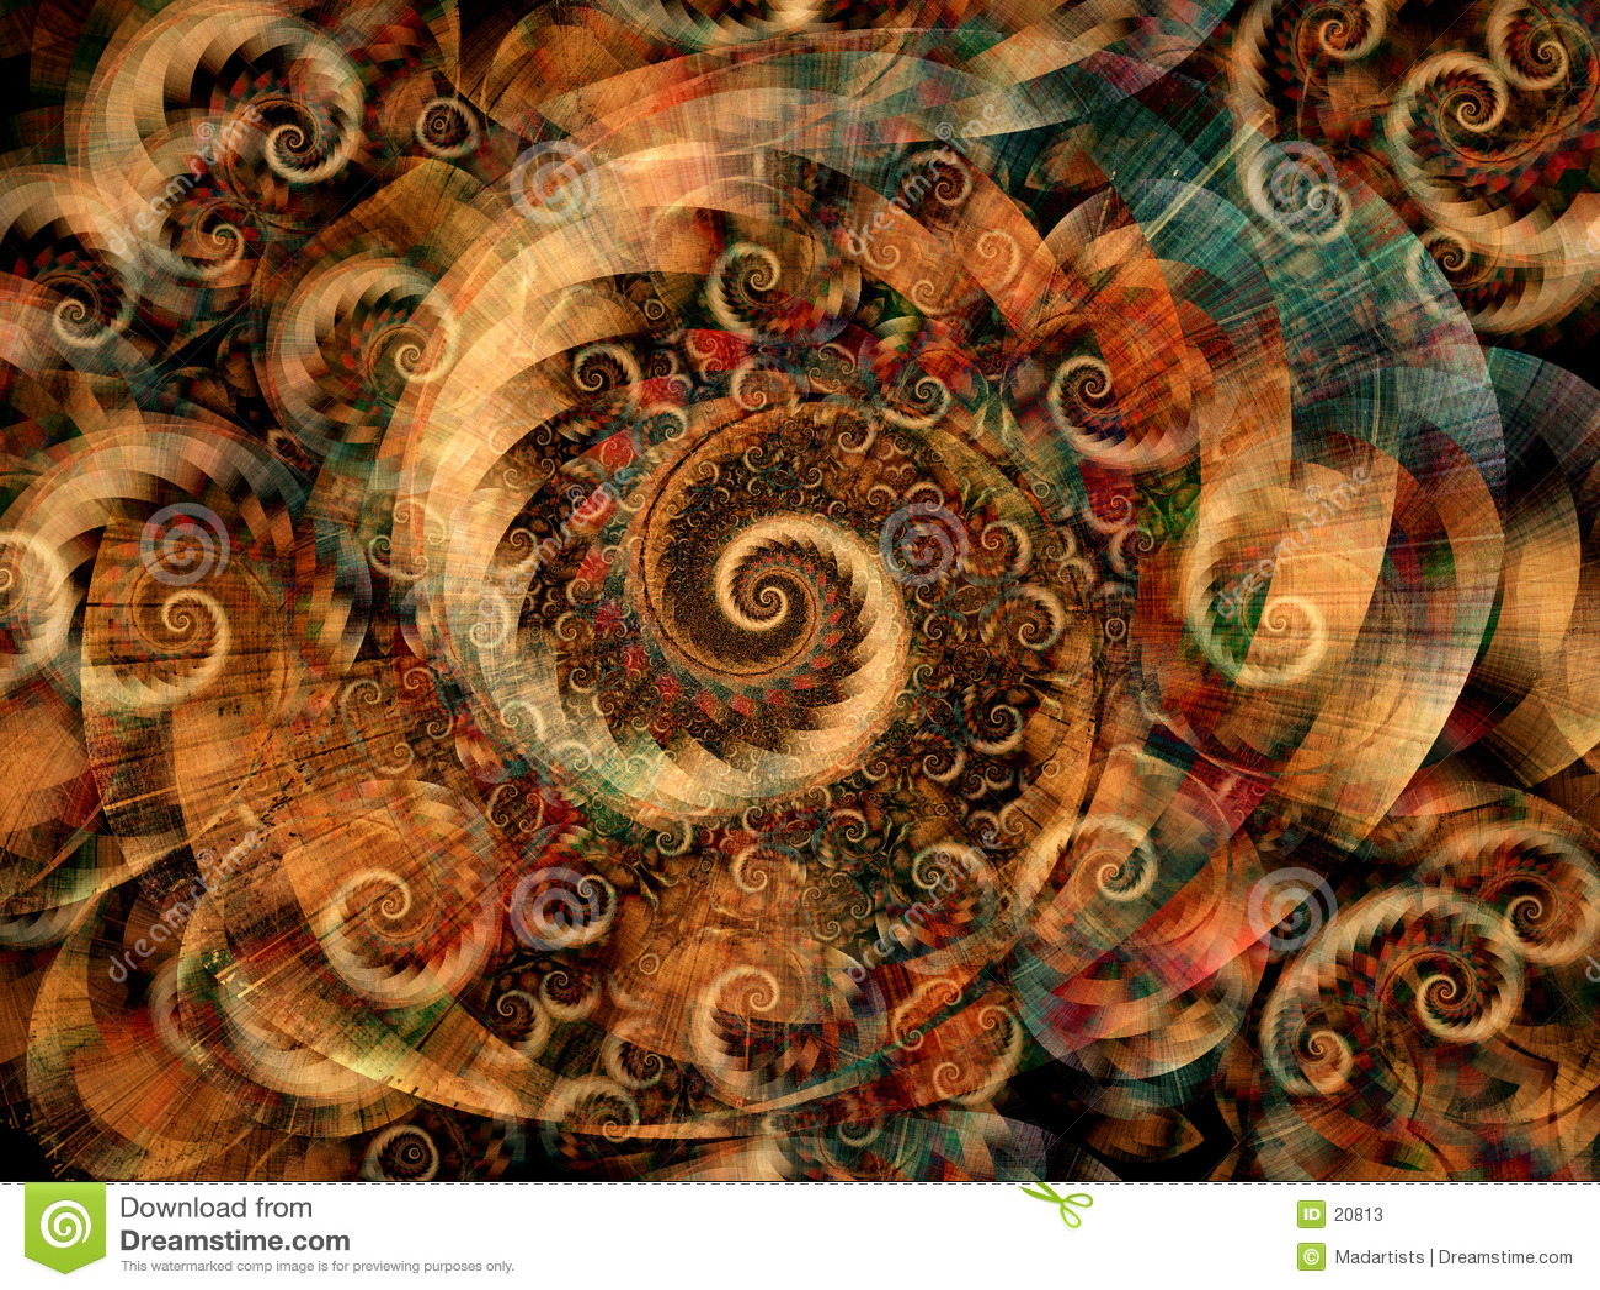 Kalla fractals spirals swirls